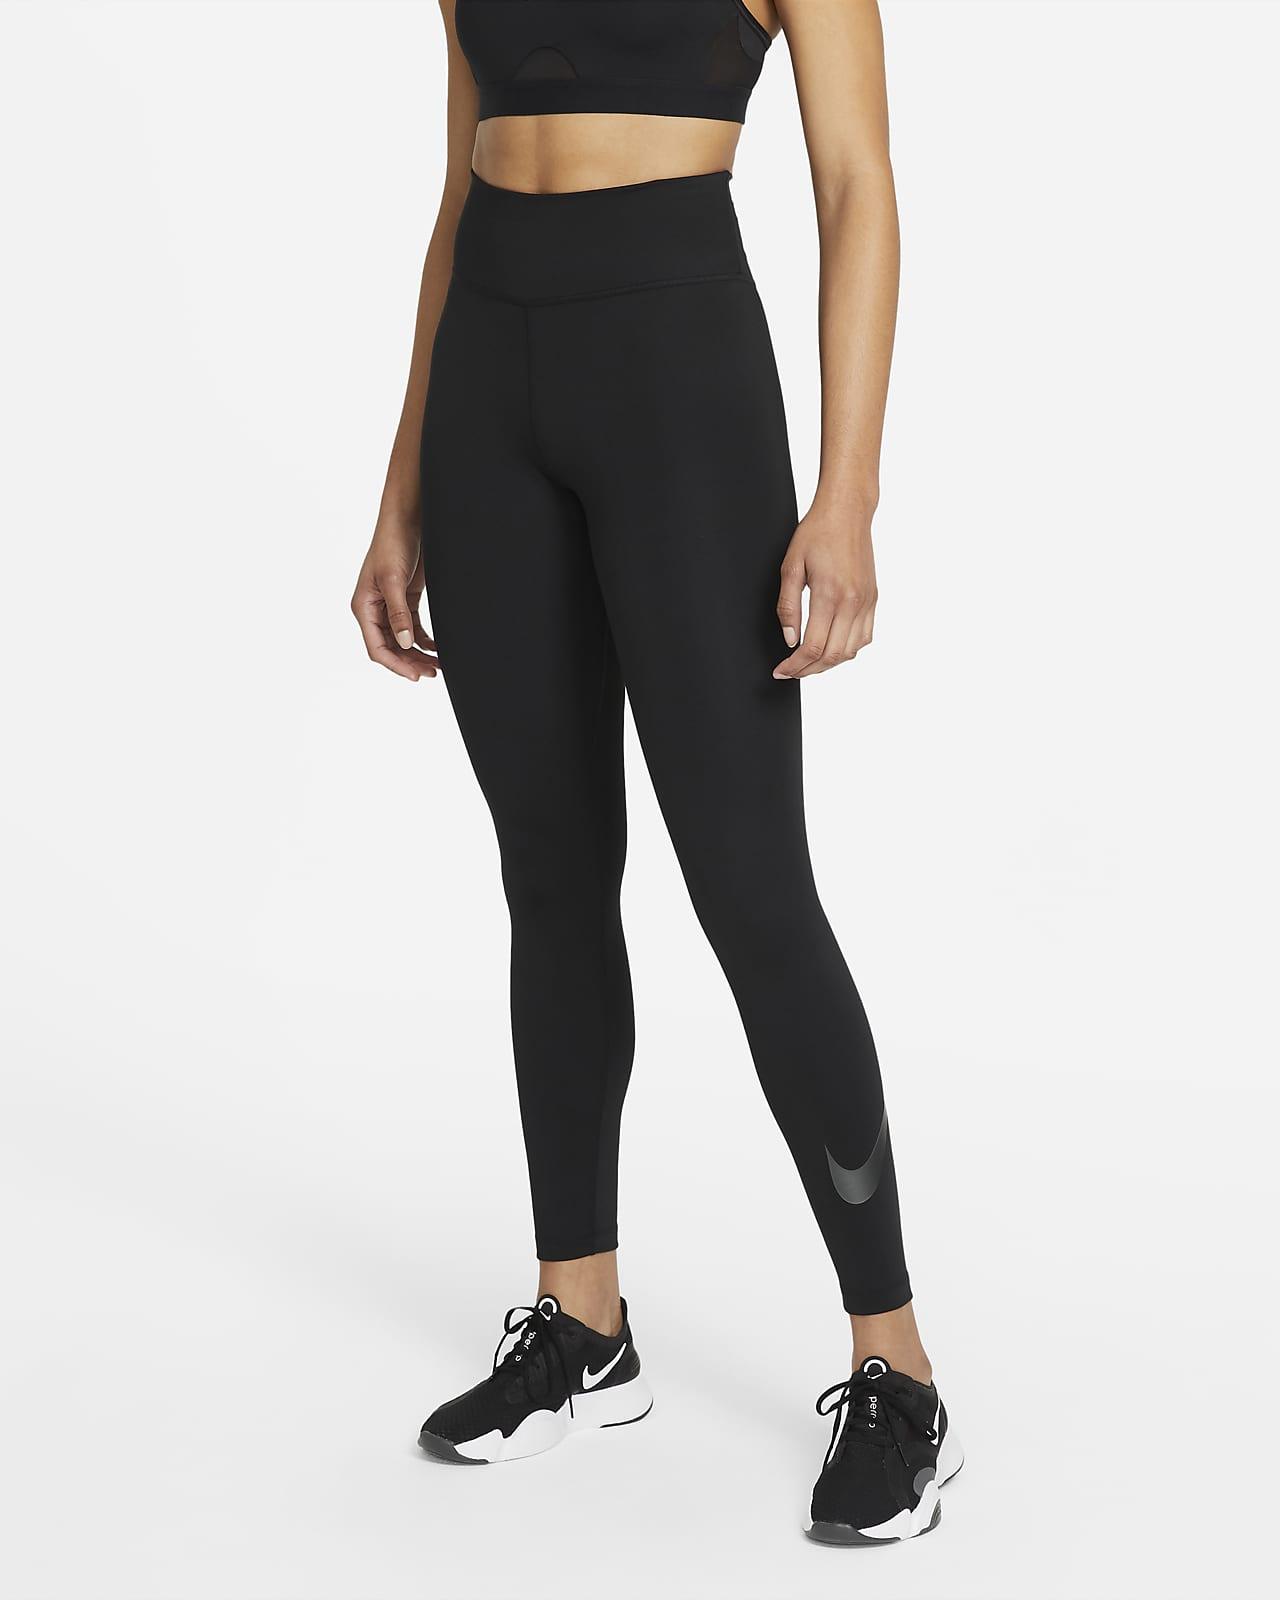 Damskie legginsy 7/8 ze średnim stanem i grafiką Nike One Icon Clash